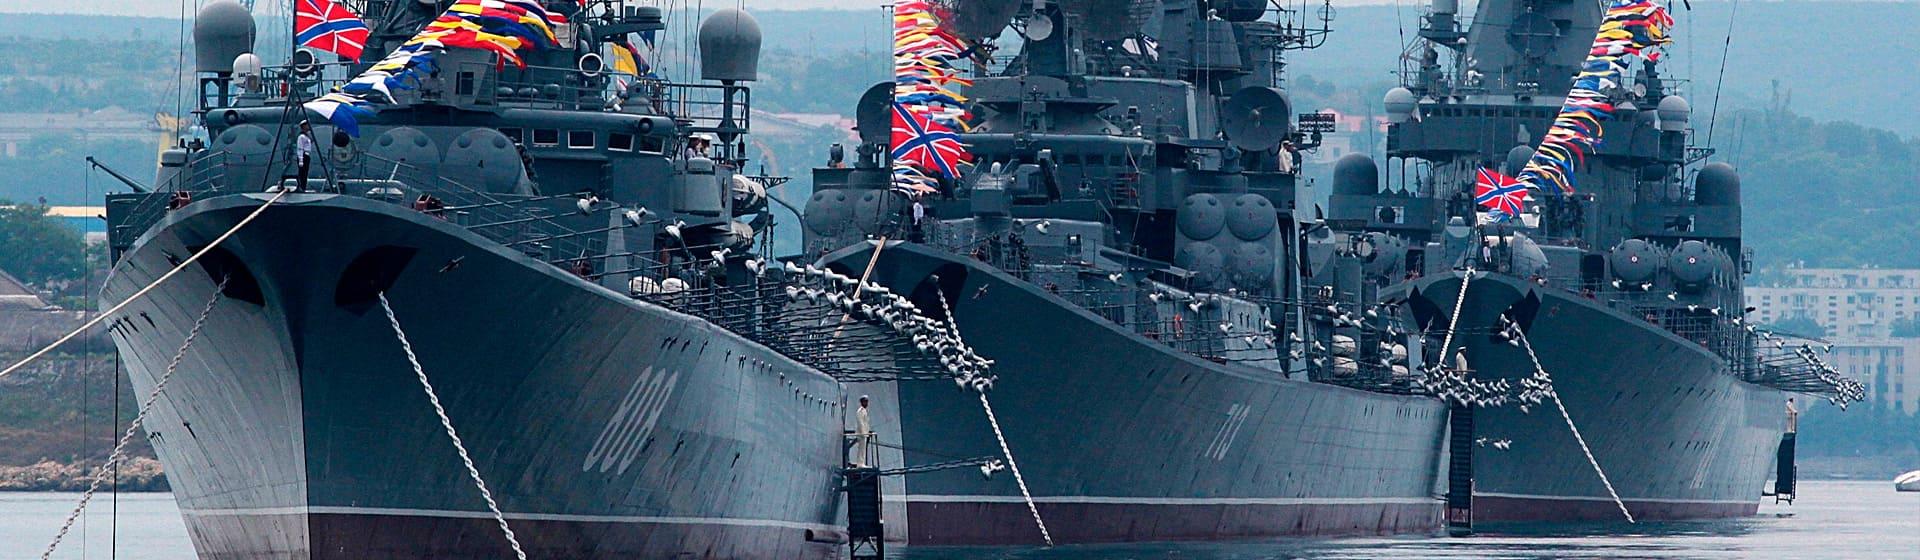 ВМФ - Мерч и одежда с атрибутикой